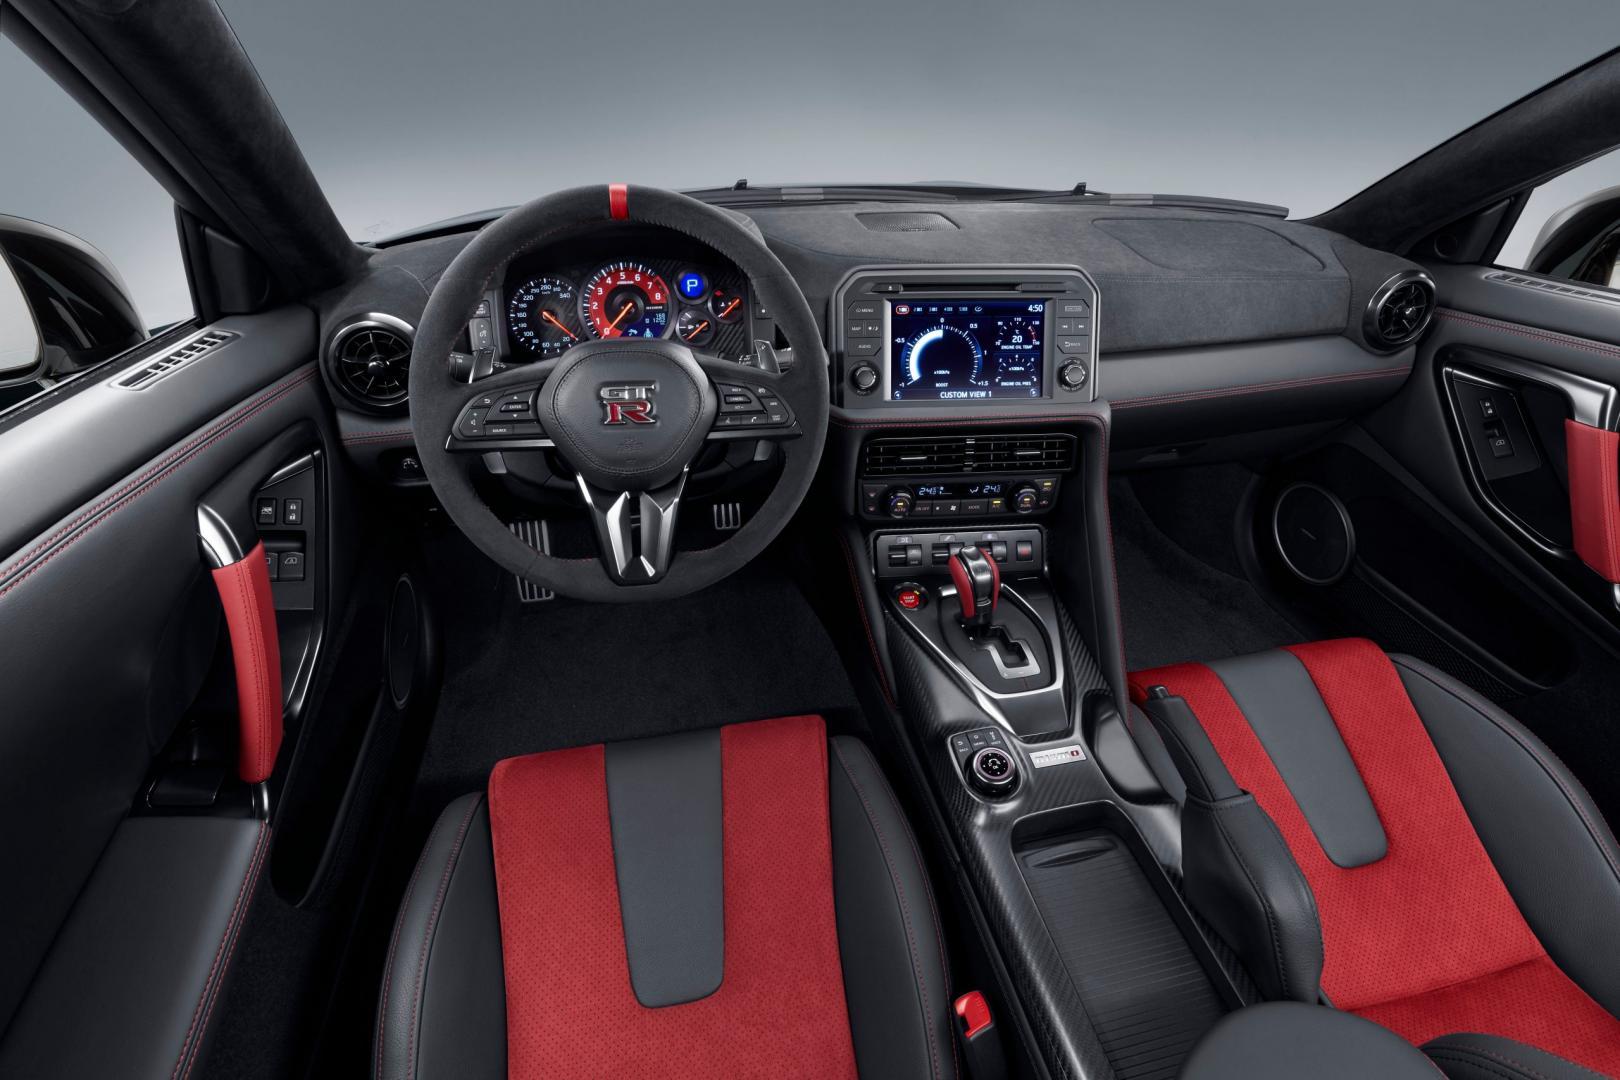 Nissan GT-R Nismo 2020 dashboard